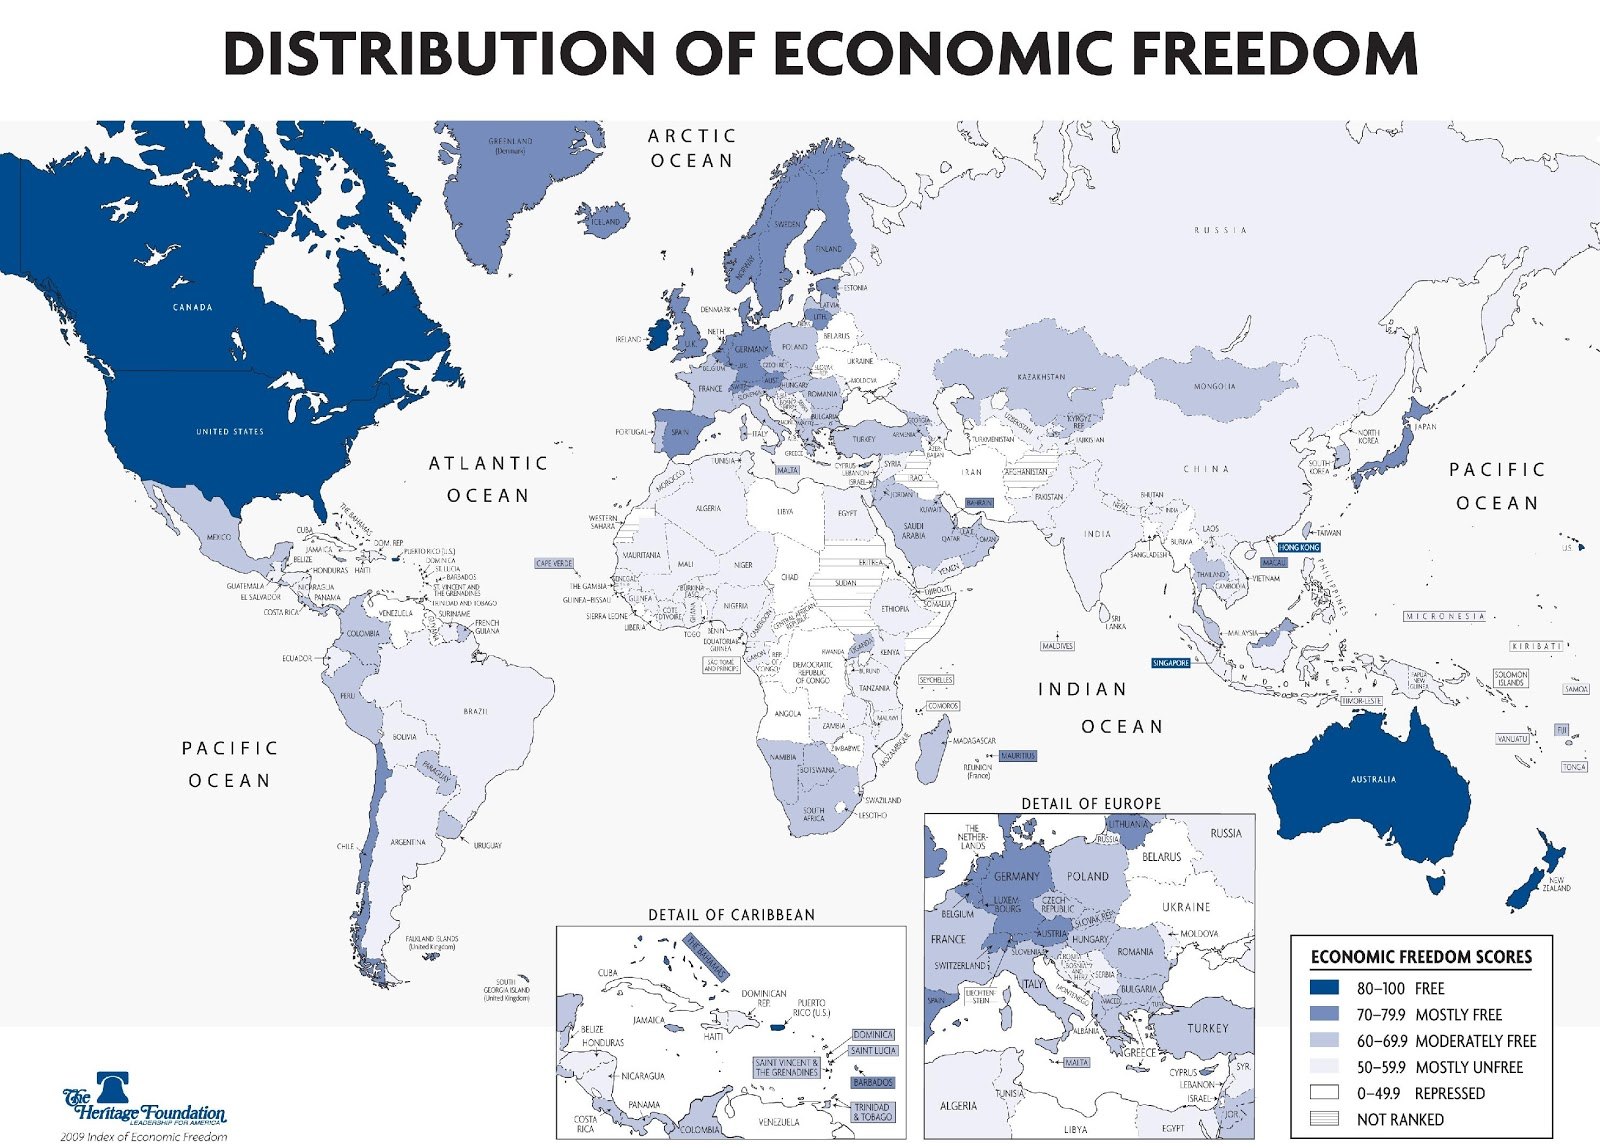 Worldcore: Як зміниться карта кріптовалютного світу через 5 років?